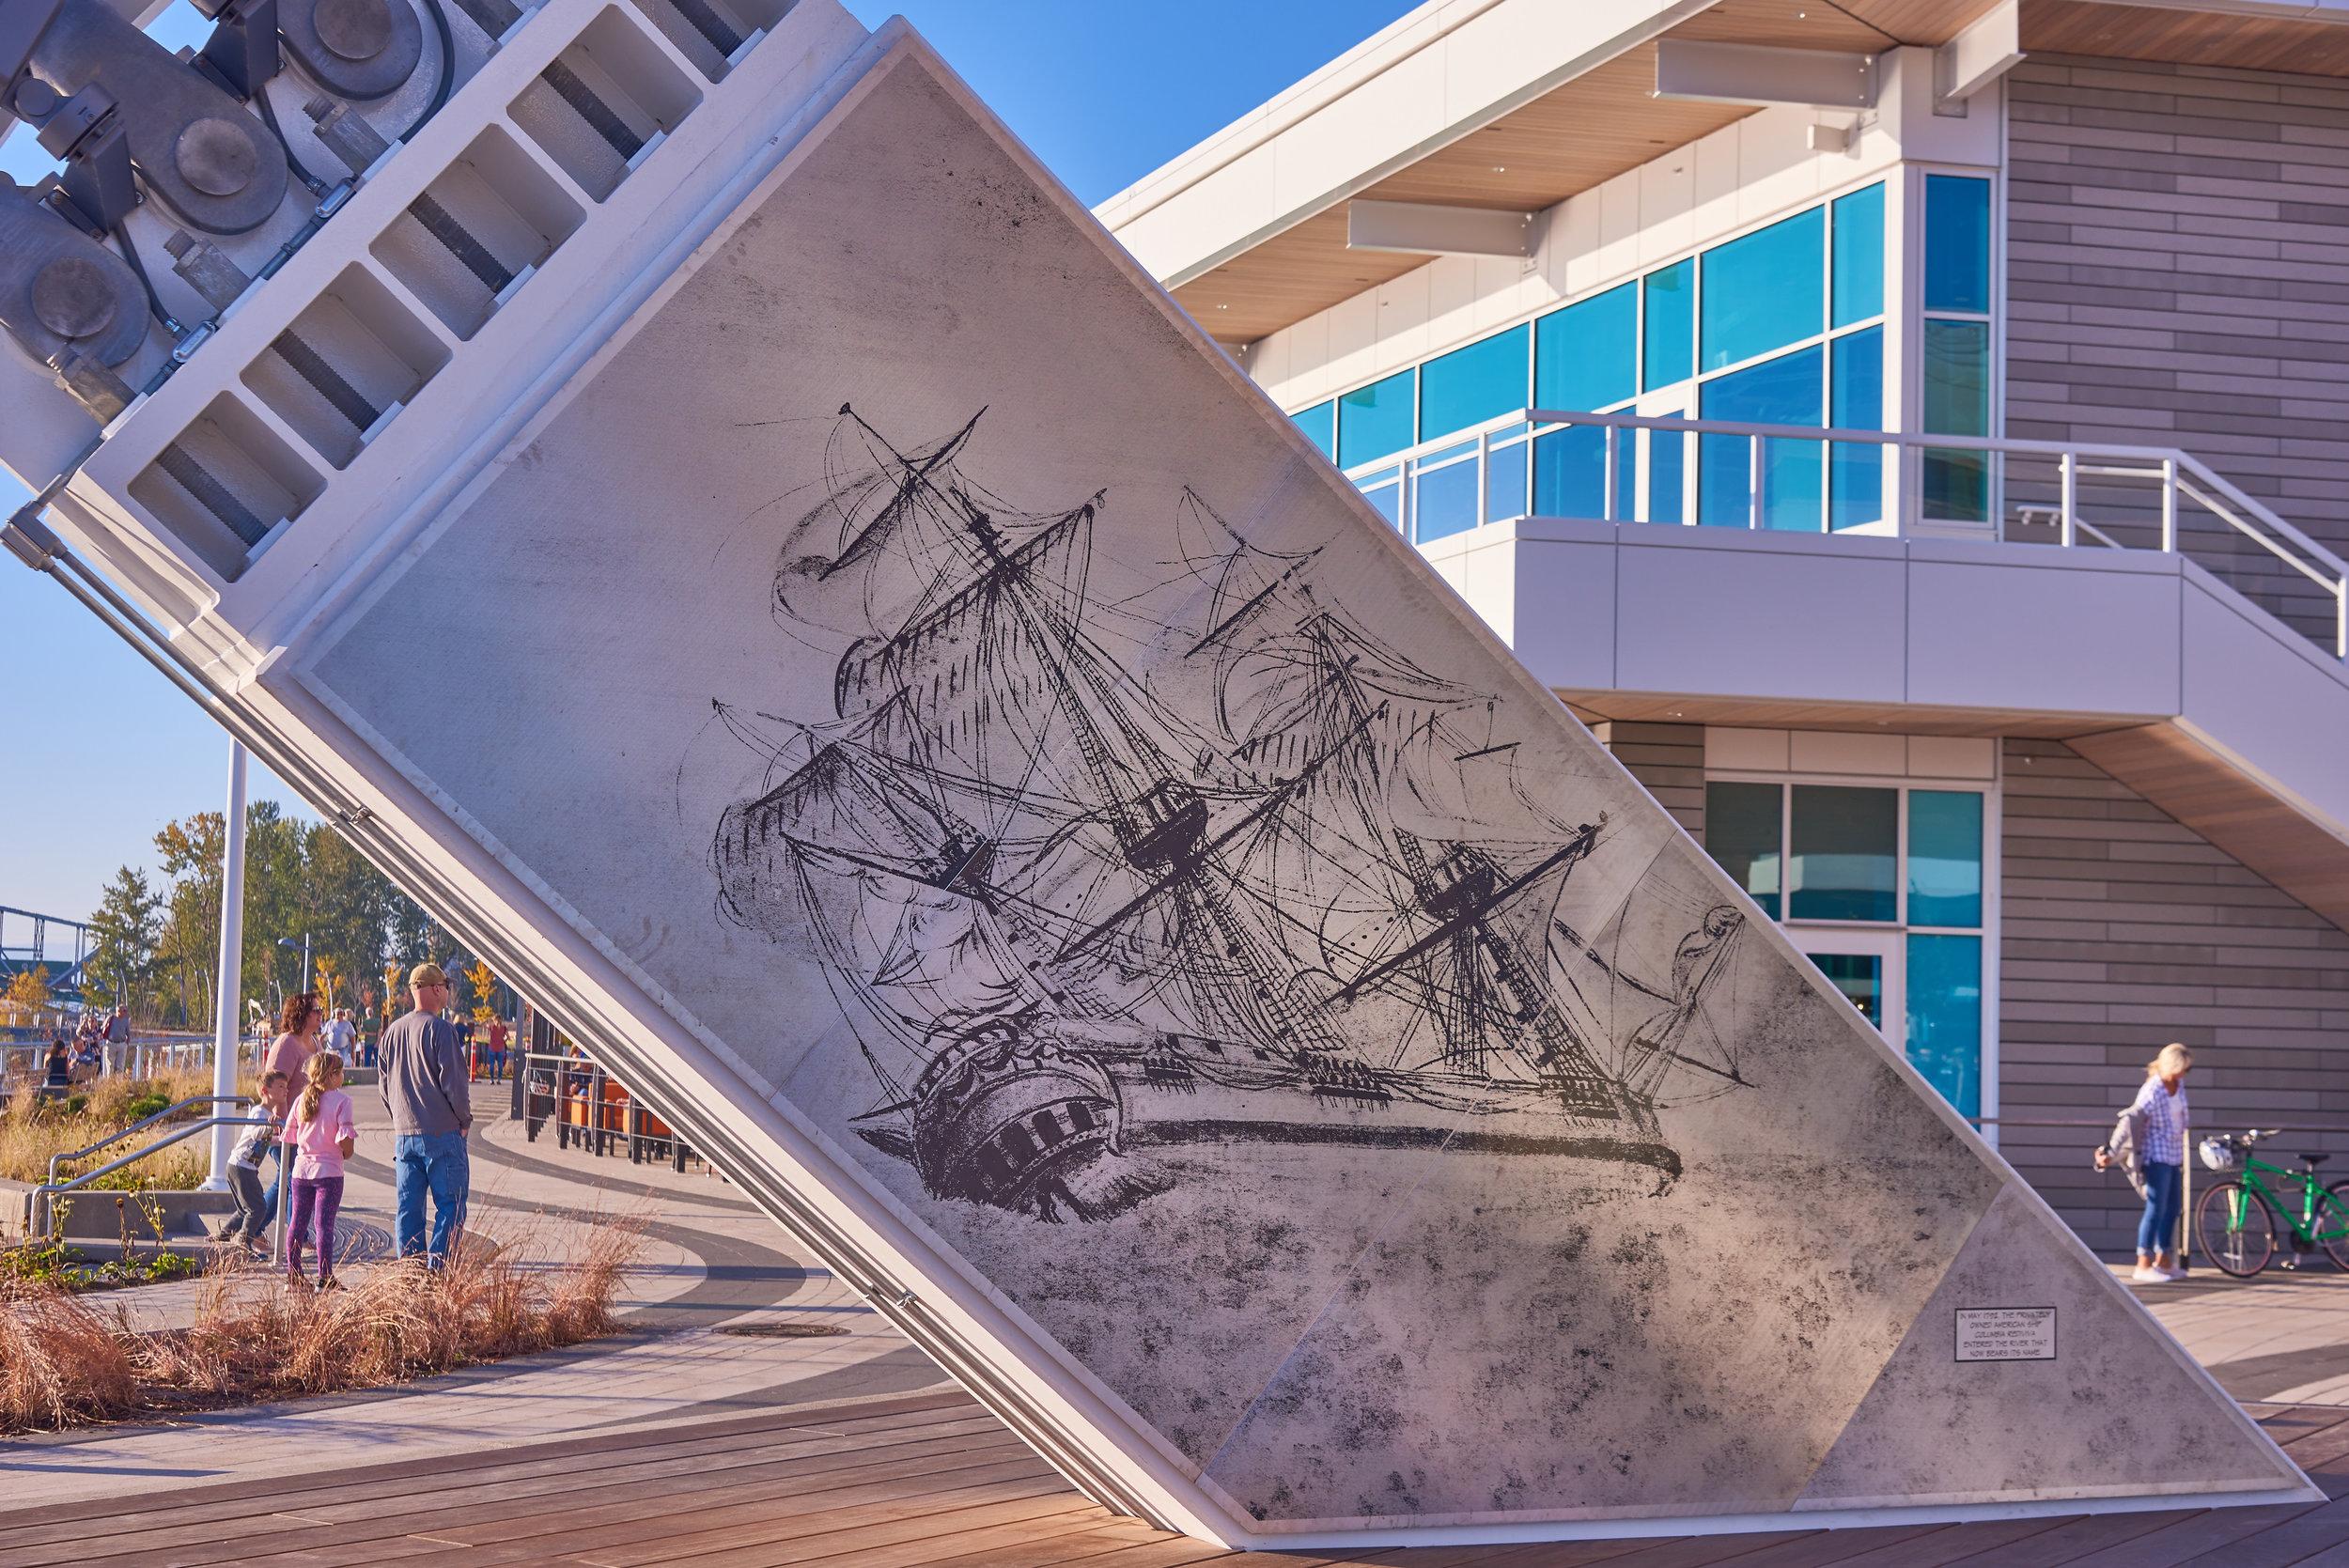 vancouver_waterfront park pier_larry kirkland_public art services_j grant projects_43.jpg